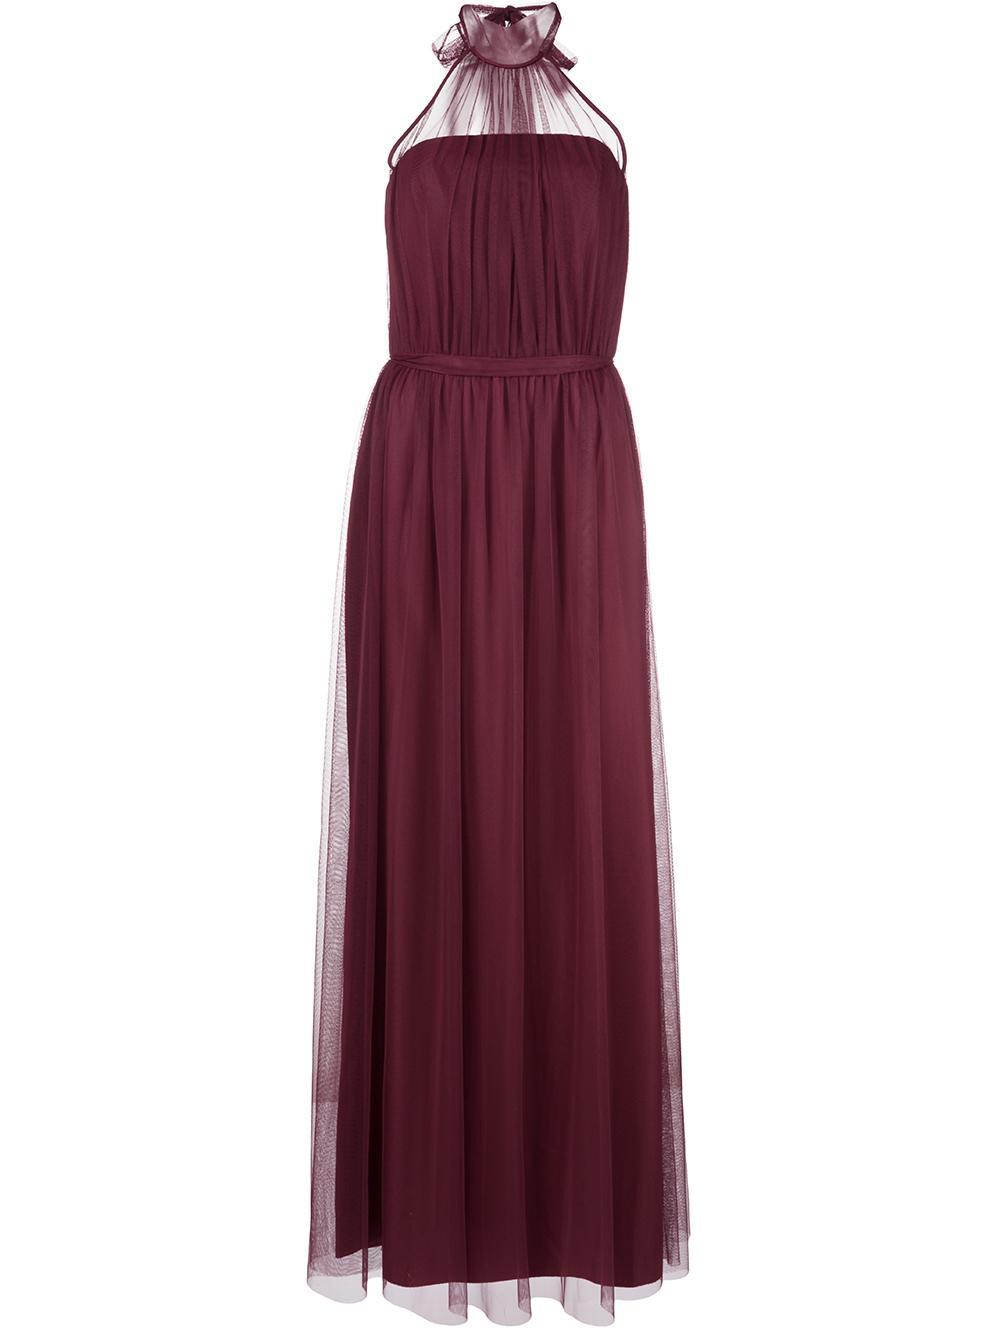 Halter Neck Tulle Gown Item # GB113U